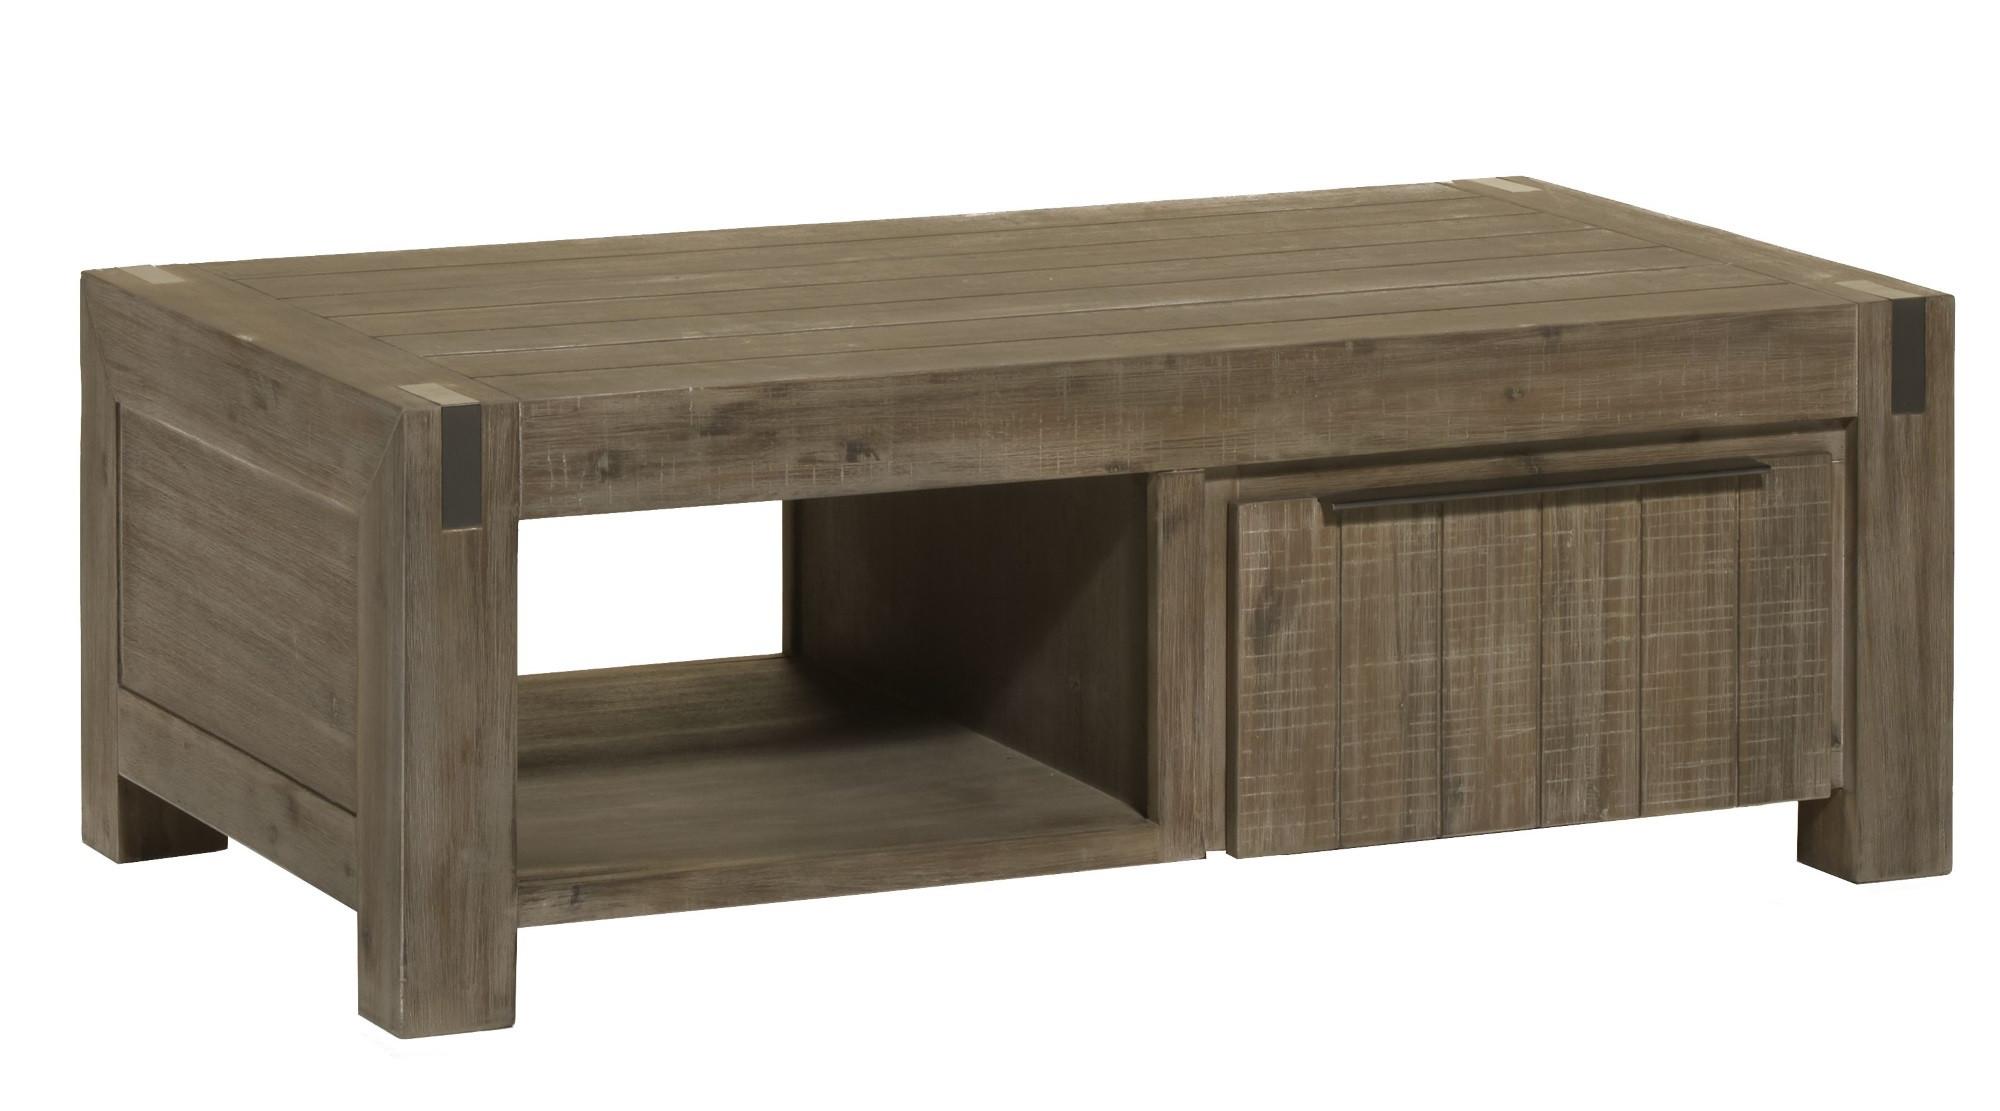 Table basse contemporaine bois massif gris brumeux Kalija